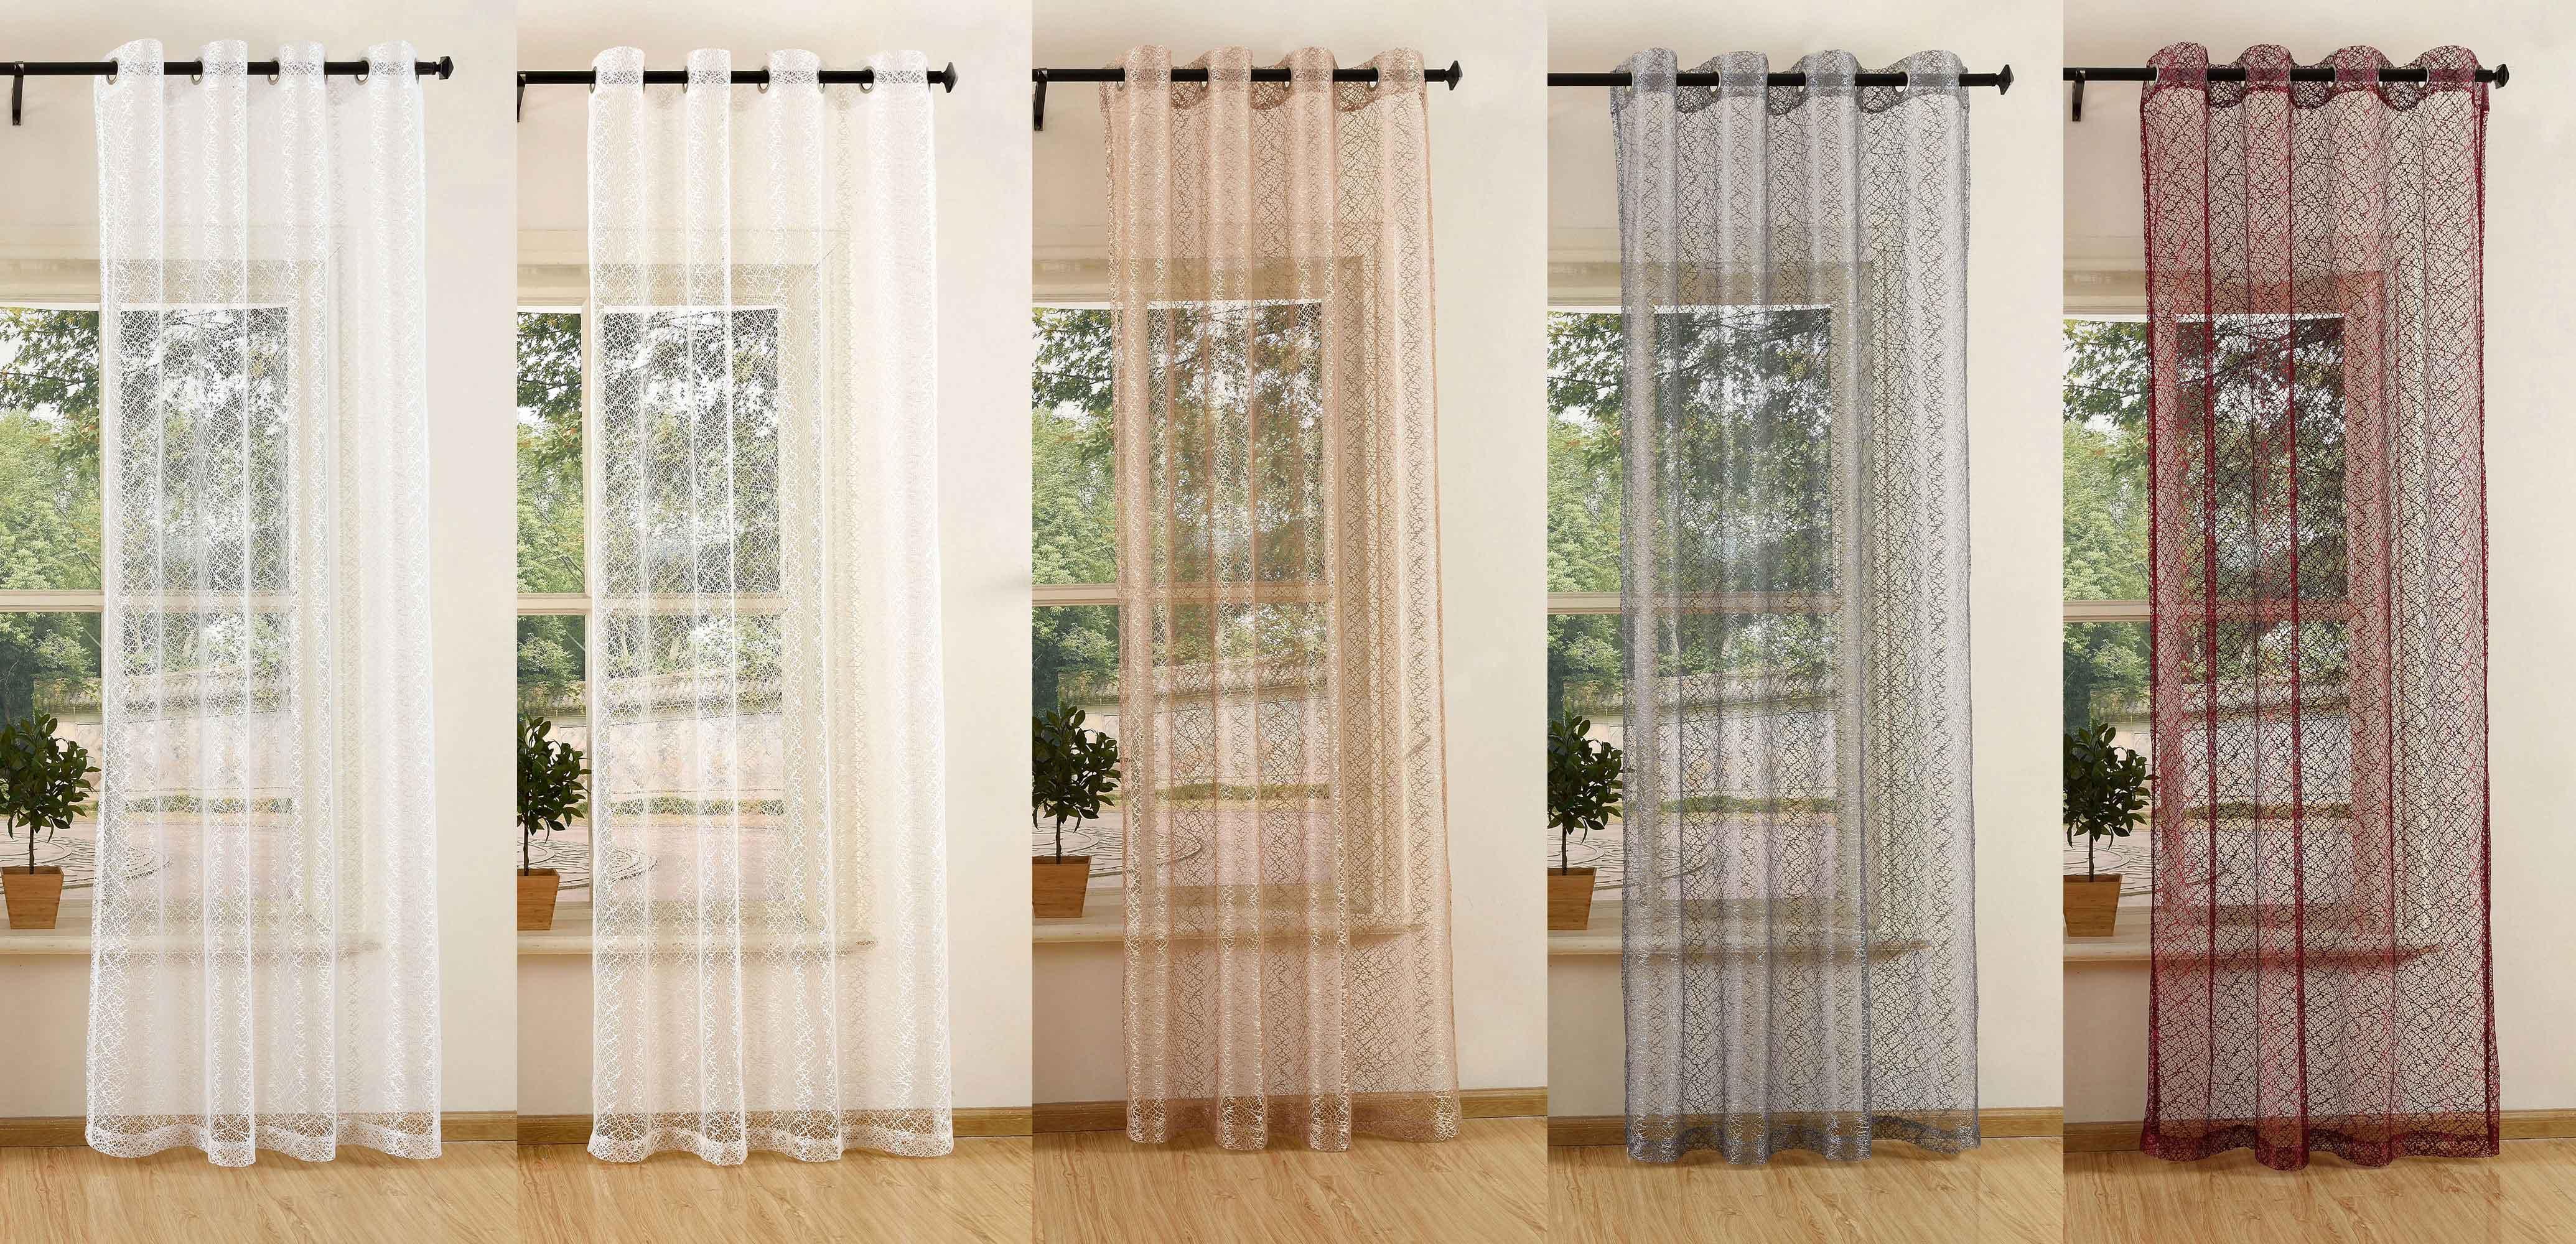 gardine netzvorhang mit sen einfarbig transparent 245x140. Black Bedroom Furniture Sets. Home Design Ideas